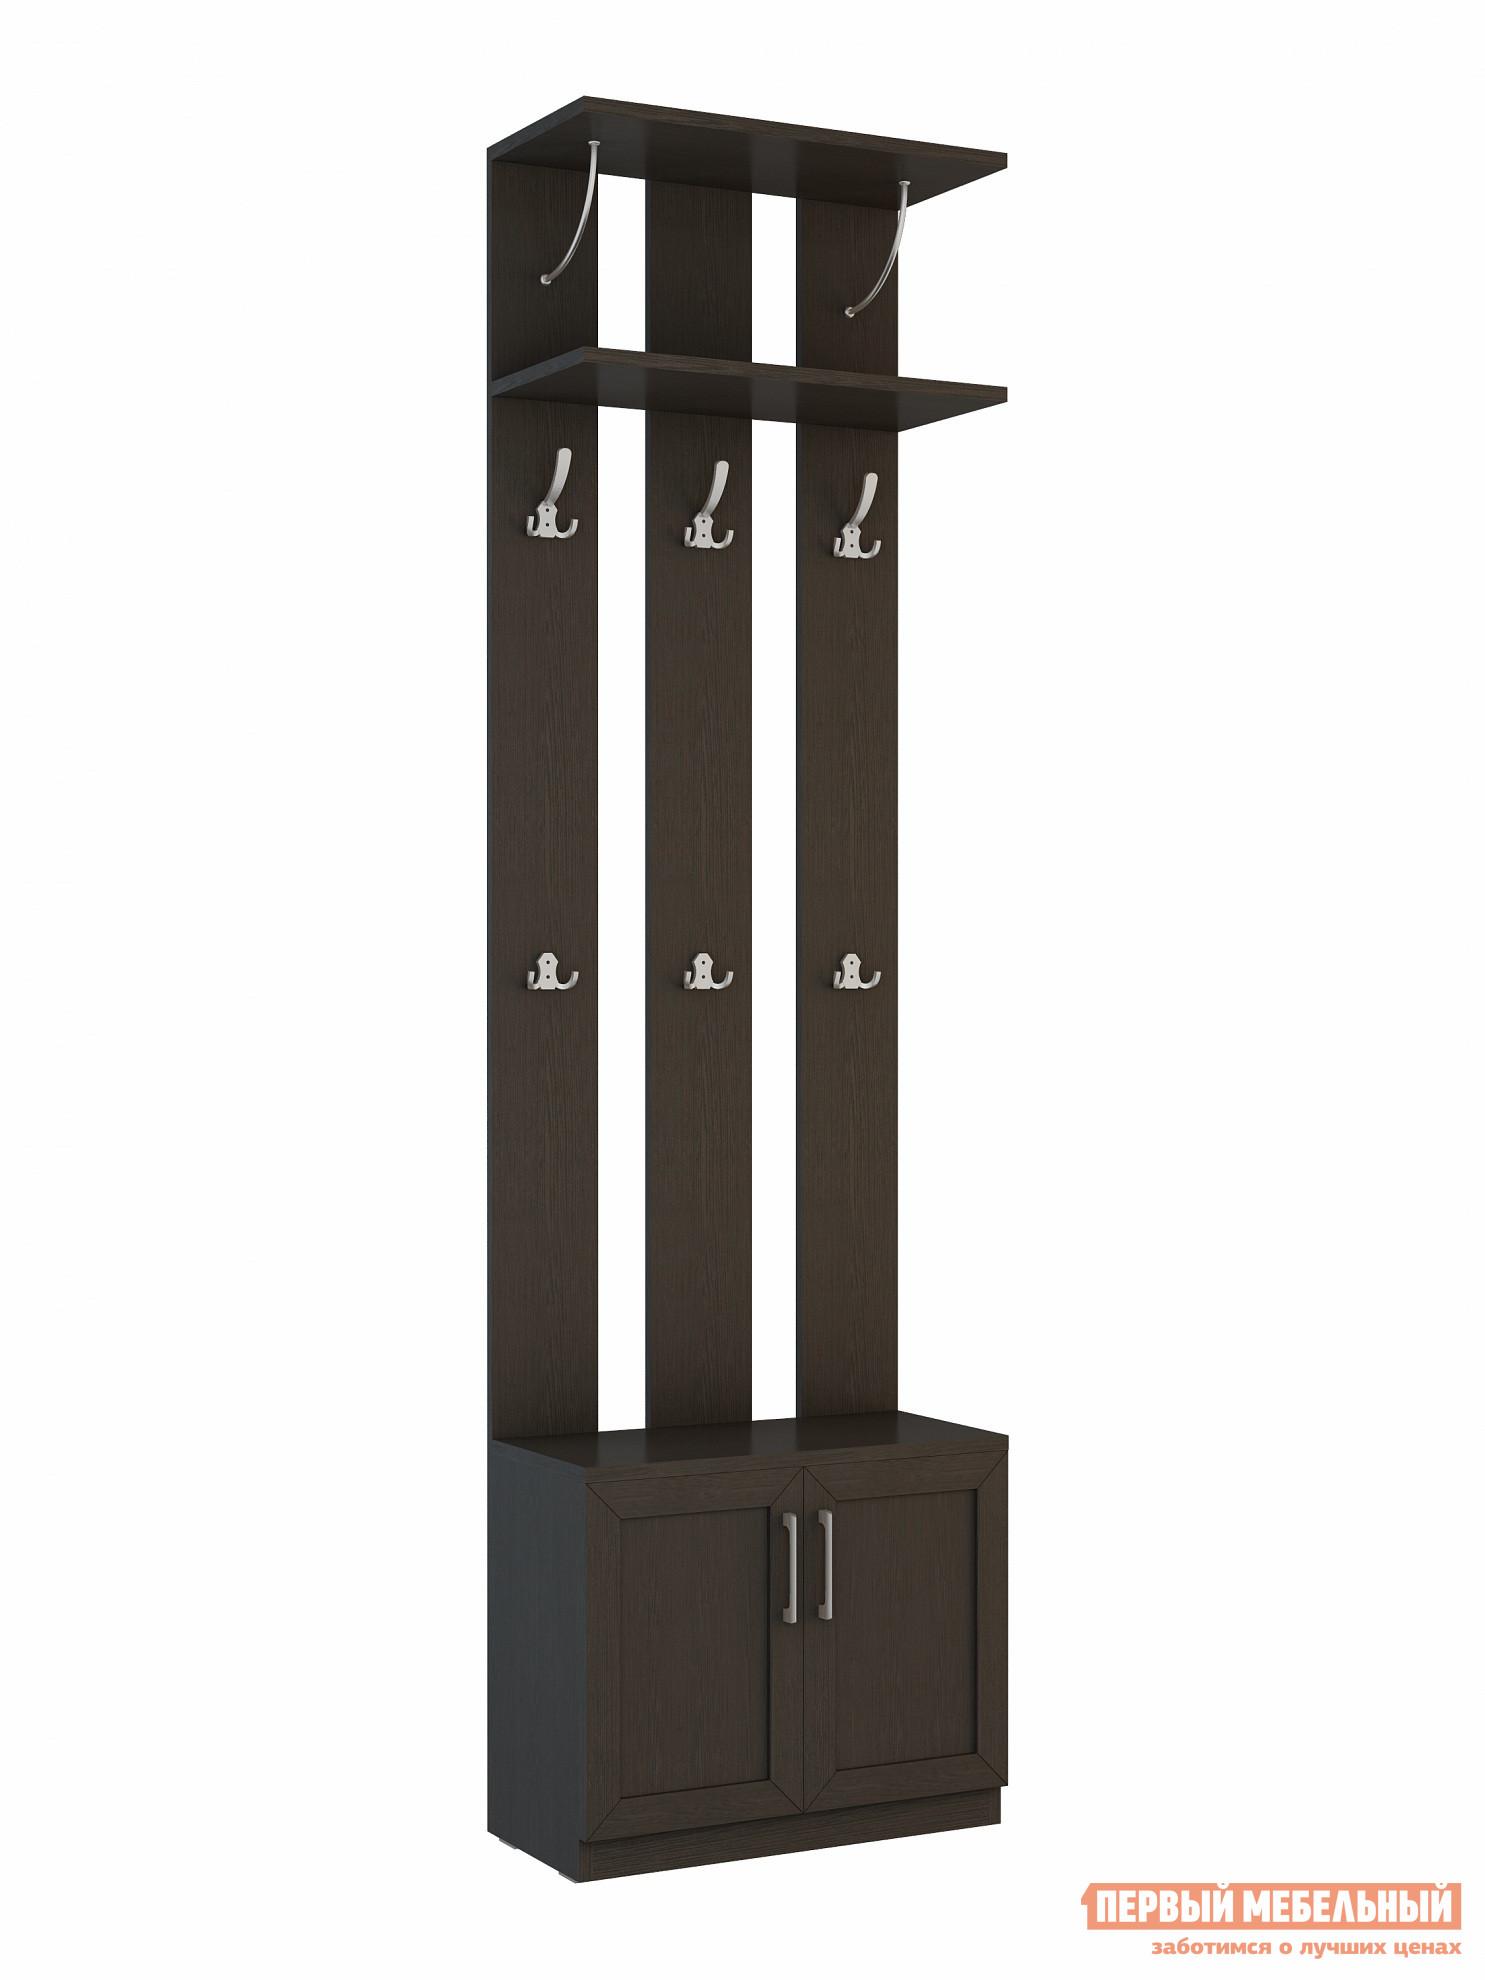 Прихожая ВасКо СОЛО-060 ВенгеПрихожие в коридор<br>Габаритные размеры ВхШхГ 2306x642x321 мм. Классический модуль для прихожей с открытой вешалкой.  Модель имеет компактные размеры, что позволит разместить ее практически в любом коридоре. В основании модуля есть тумба с полками для хранения обуви, зонтов, сумок и прочих вещей. В верхней части прихожей располагается полочка для головных уборов. Модель оснащена большими и малыми крючками. Обратите внимание! При сборке модуля его необходимо крепить к стене.  Фурнитура для крепления к стене в комплект не входит. Изделие изготавливается из ЛДСП.<br><br>Цвет: Венге<br>Цвет: Венге<br>Высота мм: 2306<br>Ширина мм: 642<br>Глубина мм: 321<br>Кол-во упаковок: 3<br>Форма поставки: В разобранном виде<br>Срок гарантии: 24 месяца<br>Тип: Прямые<br>Характеристика: Немодульные<br>Материал: из ЛДСП<br>Размер: Маленькие, Узкие, Глубиной до 35 см, Глубиной до 40 см<br>Особенности: С сиденьем, С открытой вешалкой, С обувницей, Без шкафа<br>Стиль: Современный